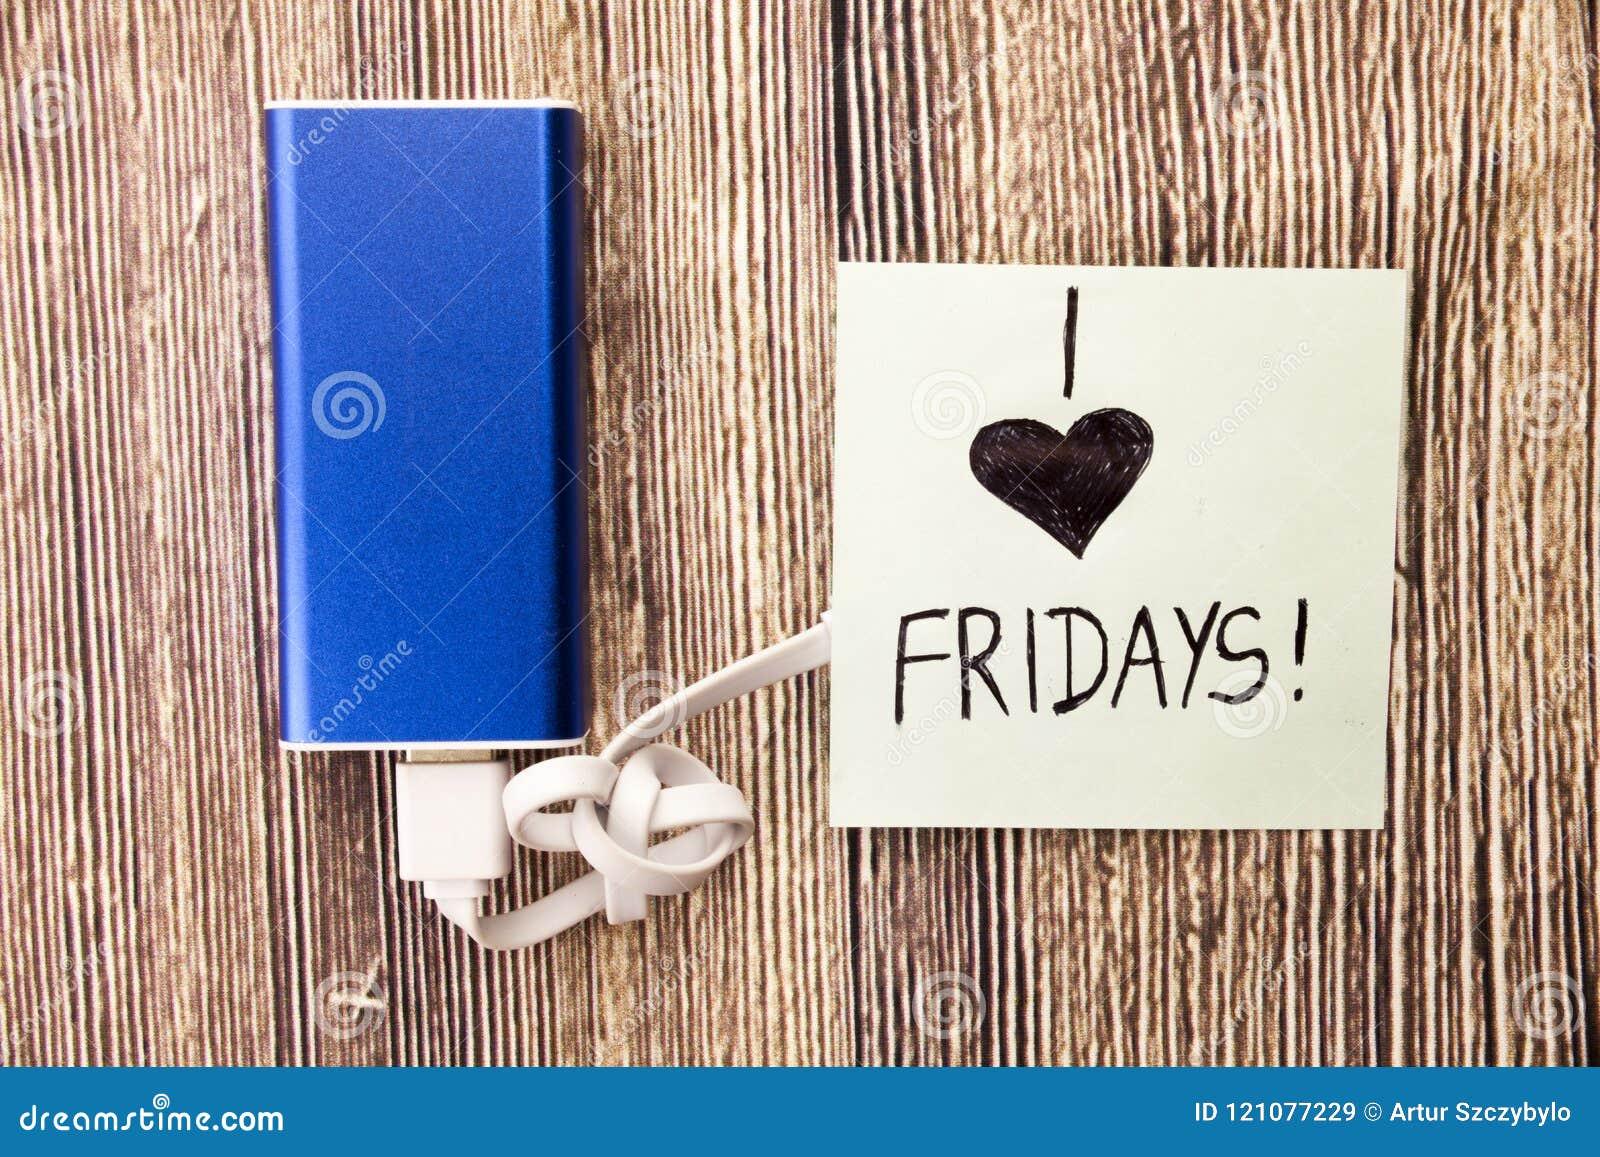 Leuteliebe Freitag I' m in der Liebe mit ihr der Anfang des Wochenendes Parteistarter Entspannung fährt von ab Wochentagende